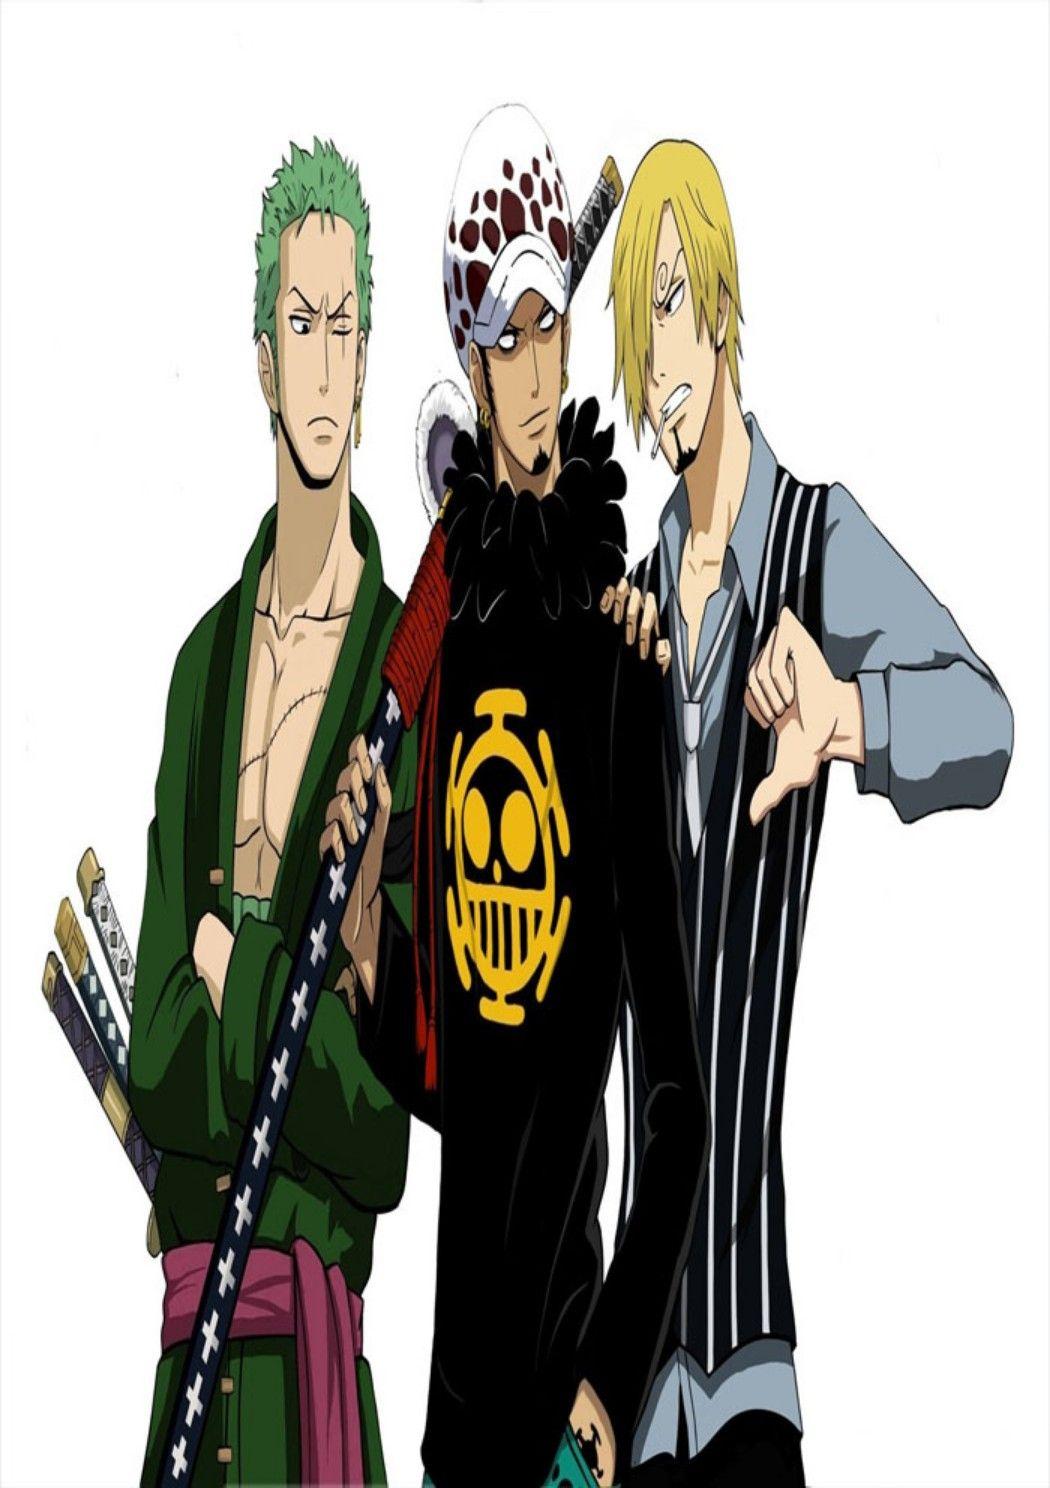 Pin De Tyl Reede Em 0ne Piece Manga One Piece One Piece E One